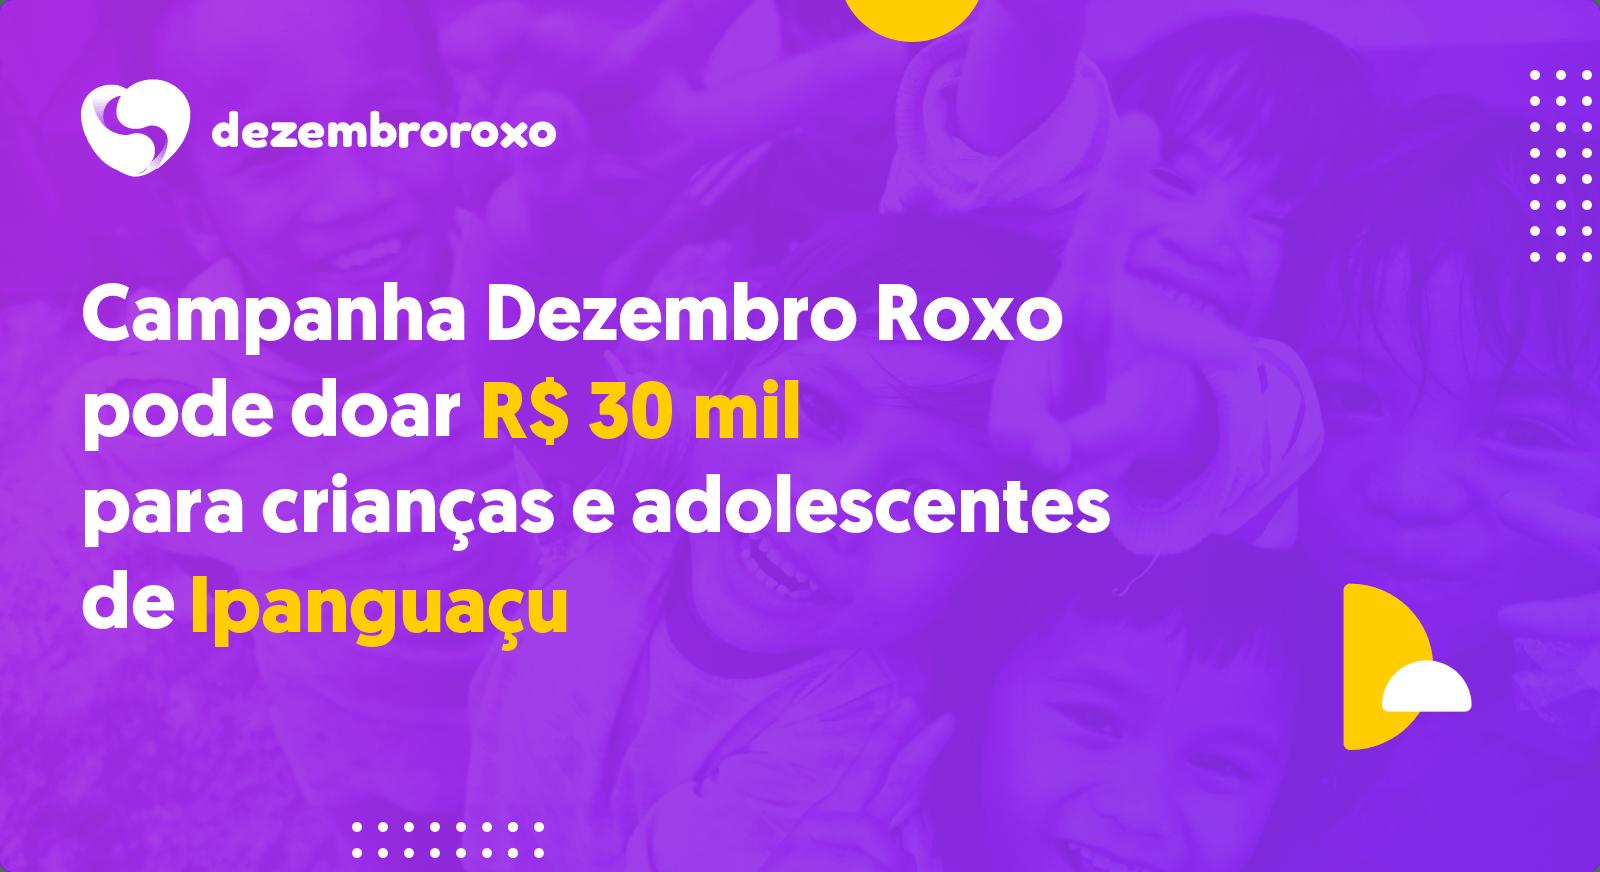 Doações em Ipanguaçu - RN